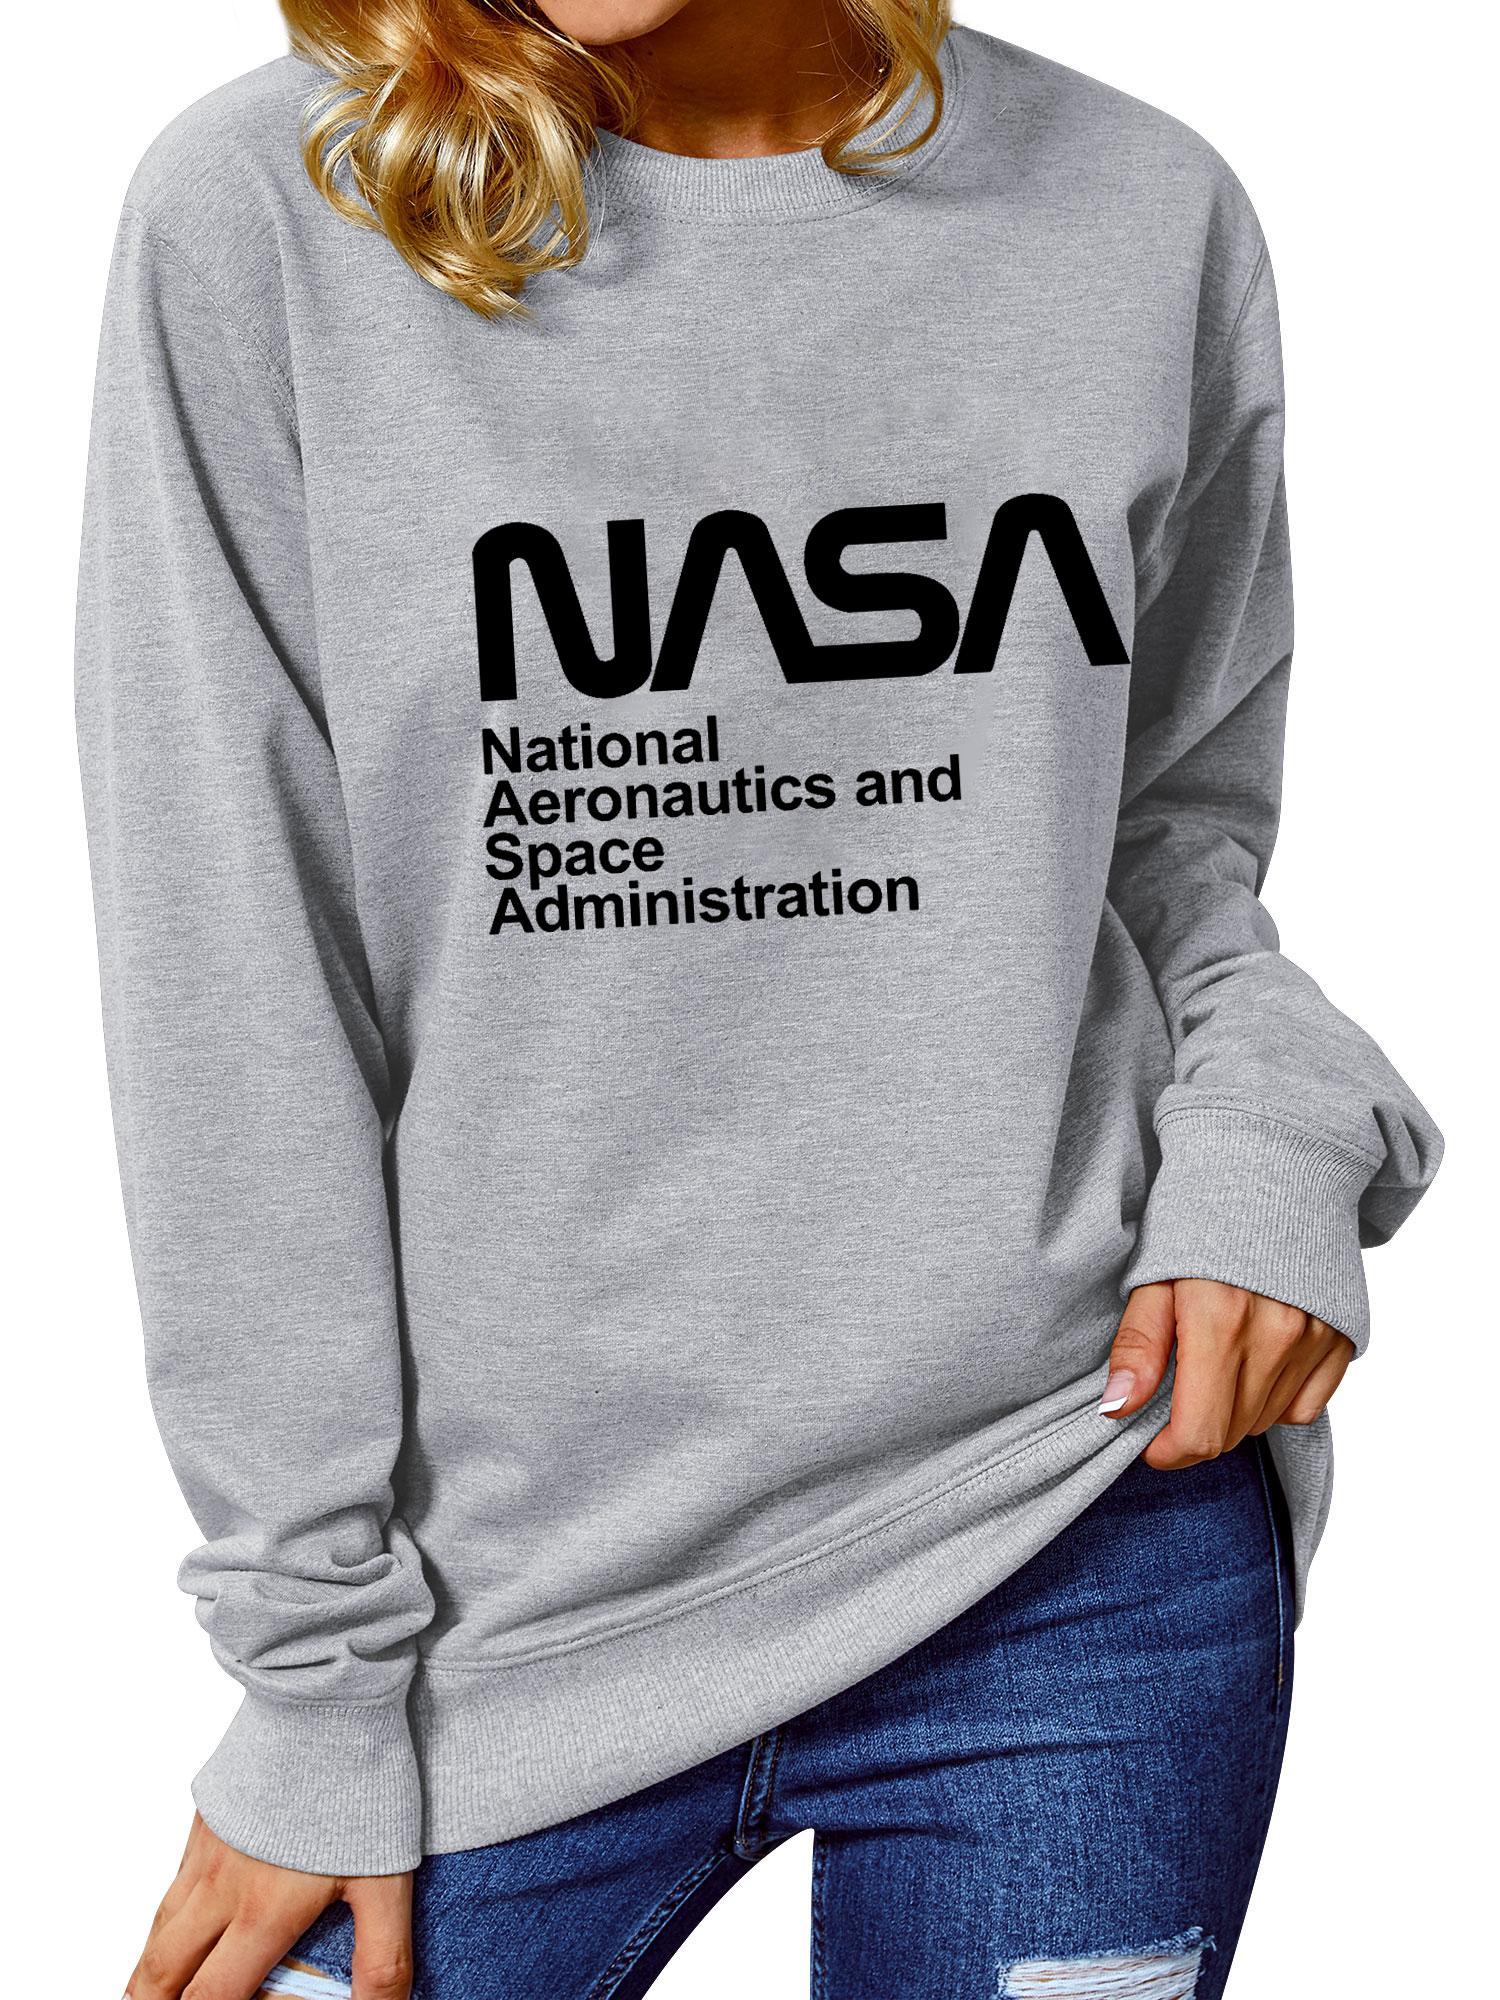 NASA Definizione lettera stampata Felpe Nuovo marchio spazio personalità stile di vacanza Nasa Pullover Felpe Women Casual cotone Tops